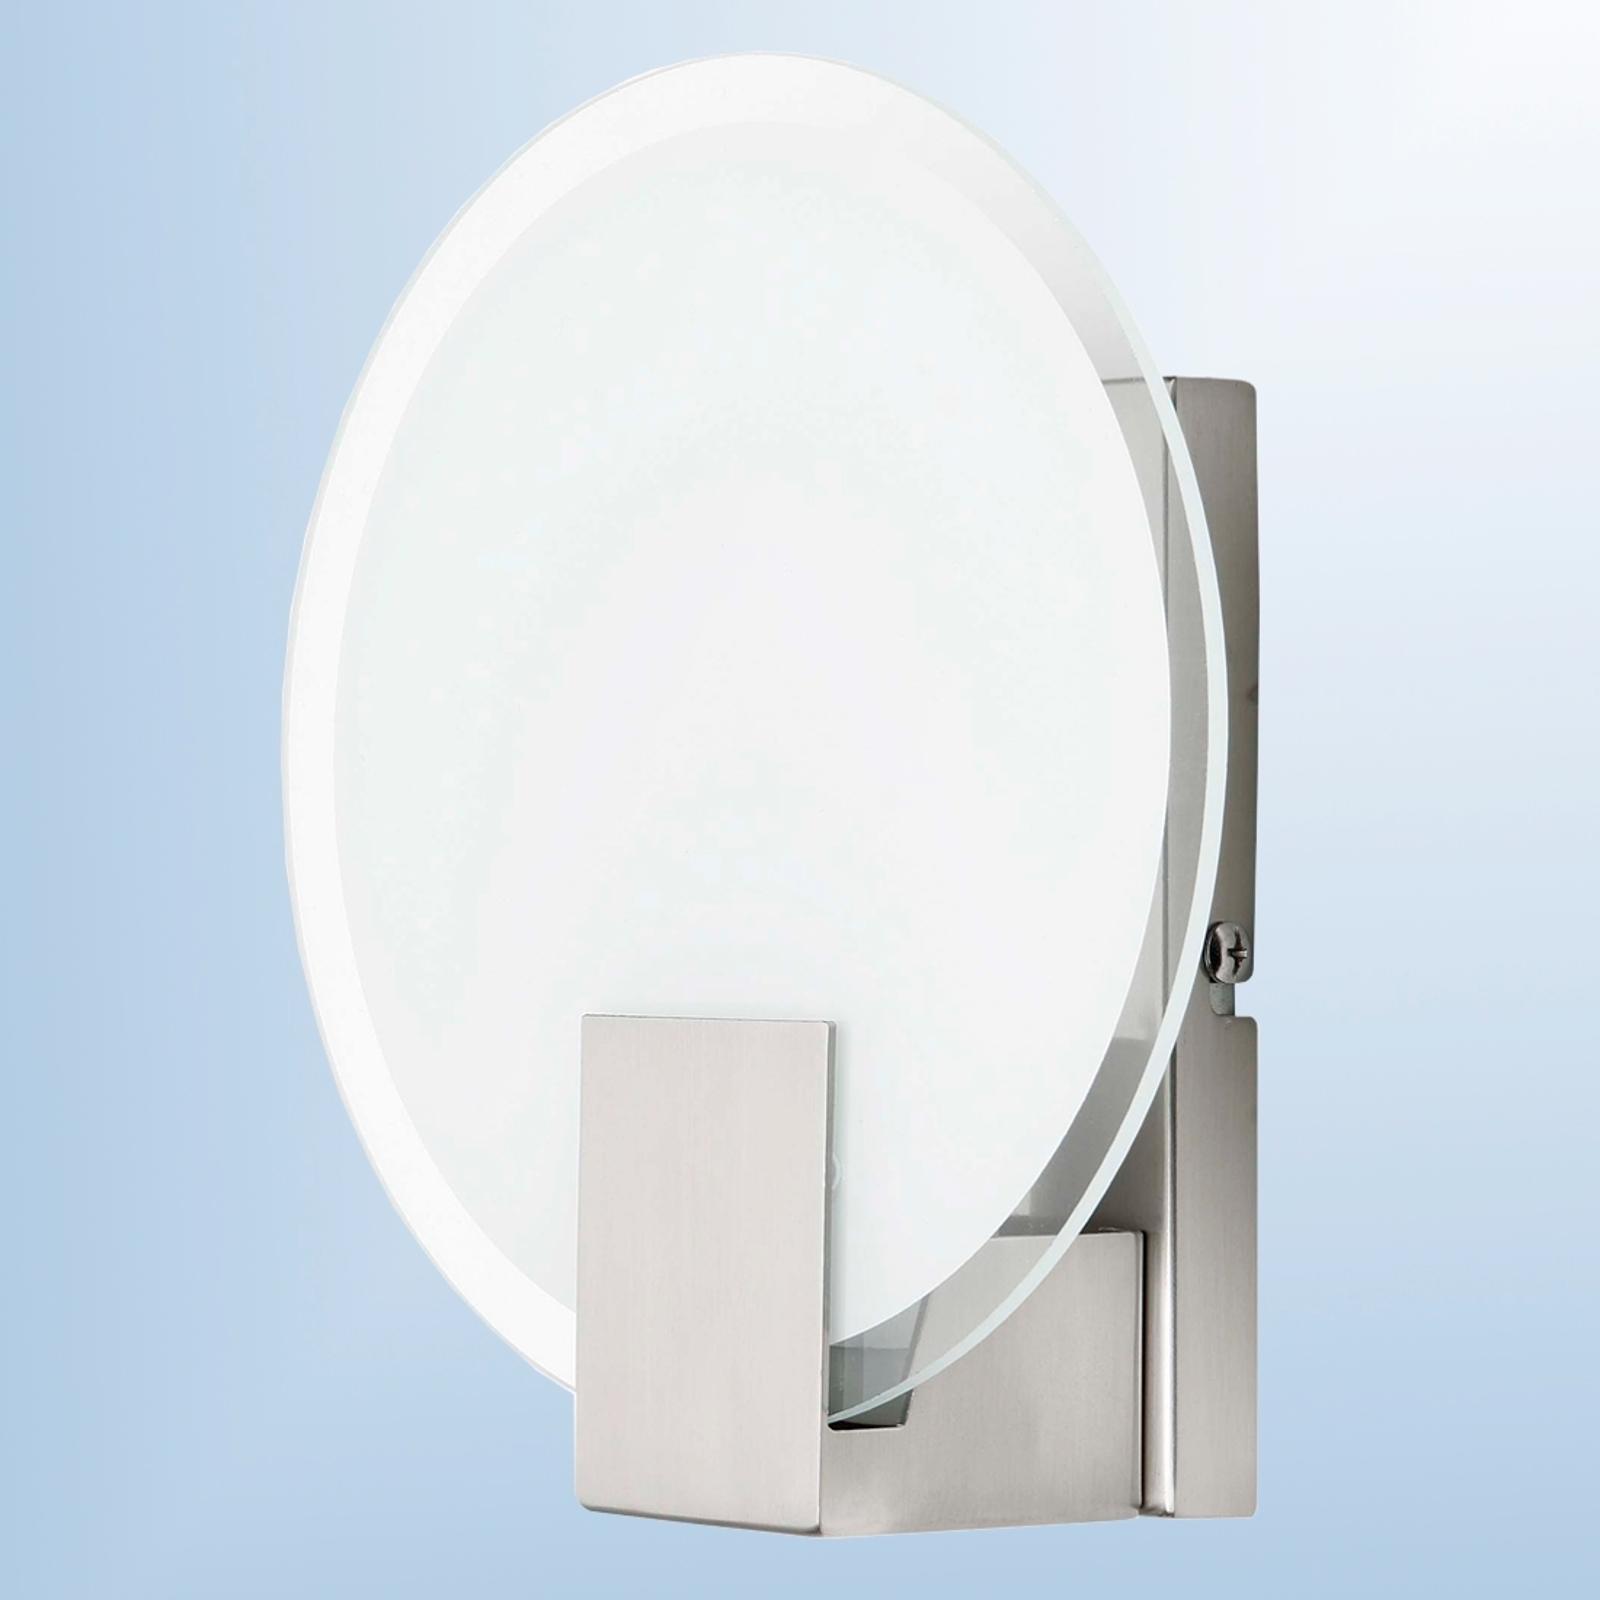 Stylish round wall light Sonian_1508401_1